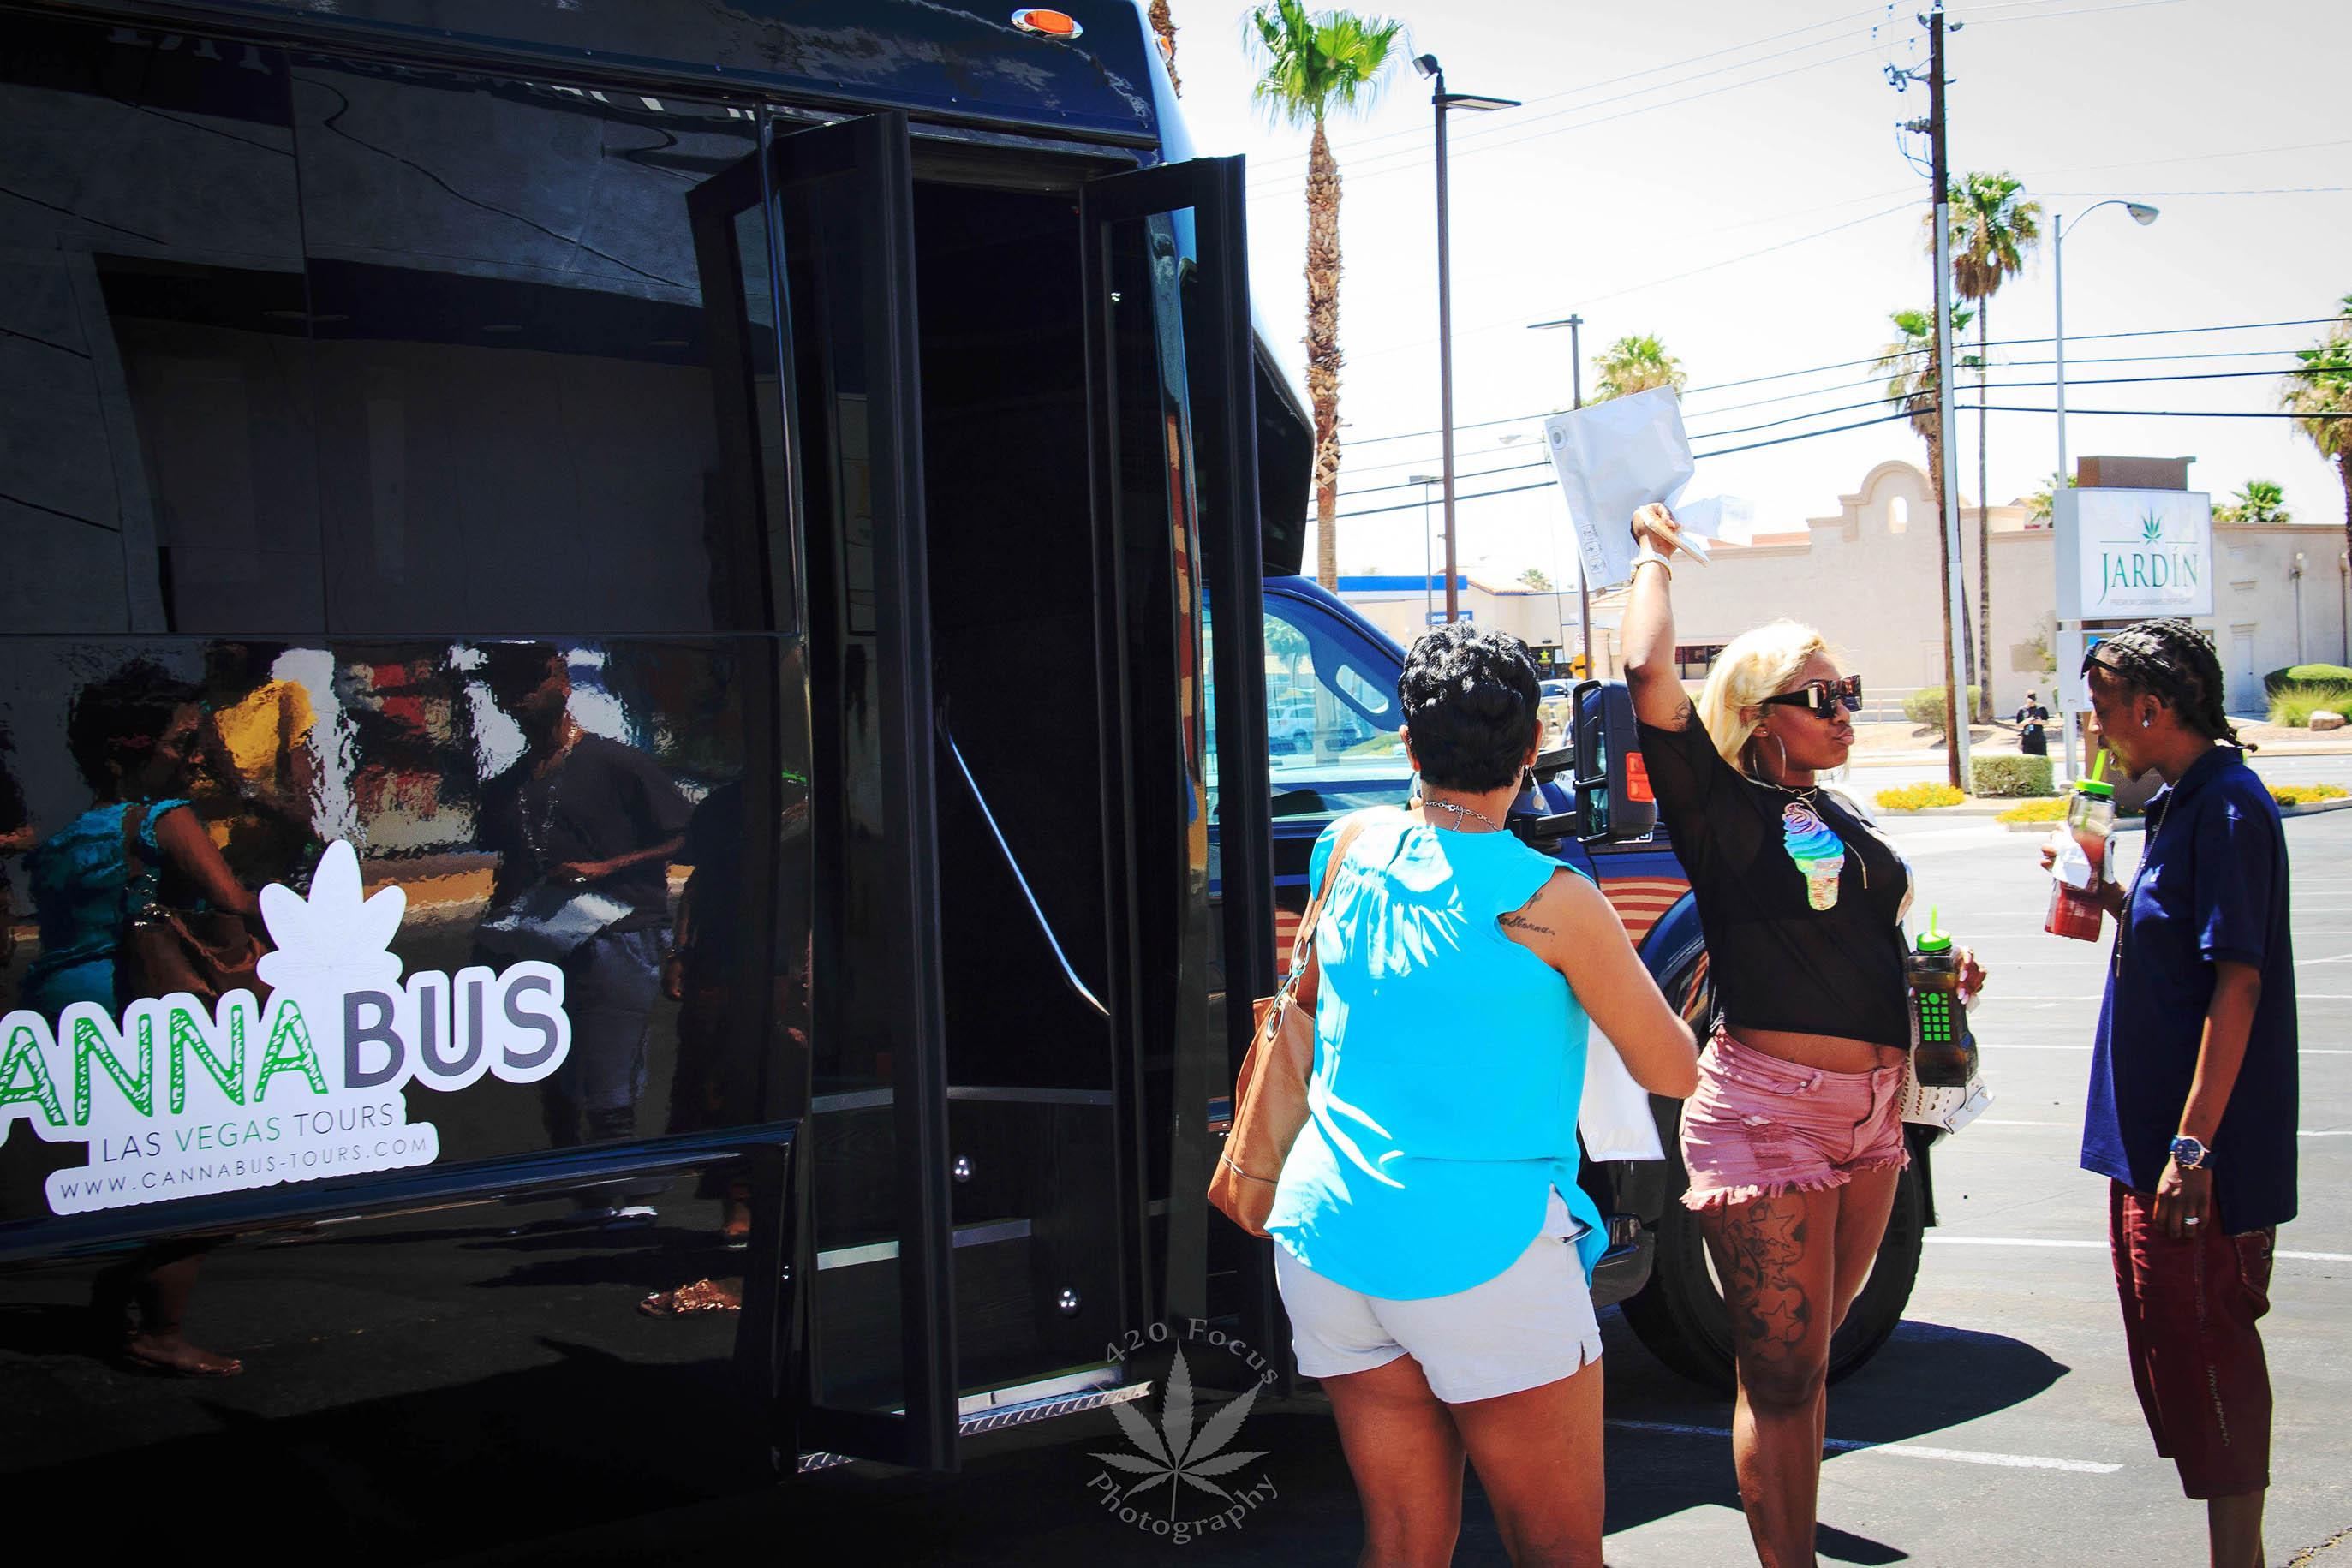 Cannabus Tours Las Vegas